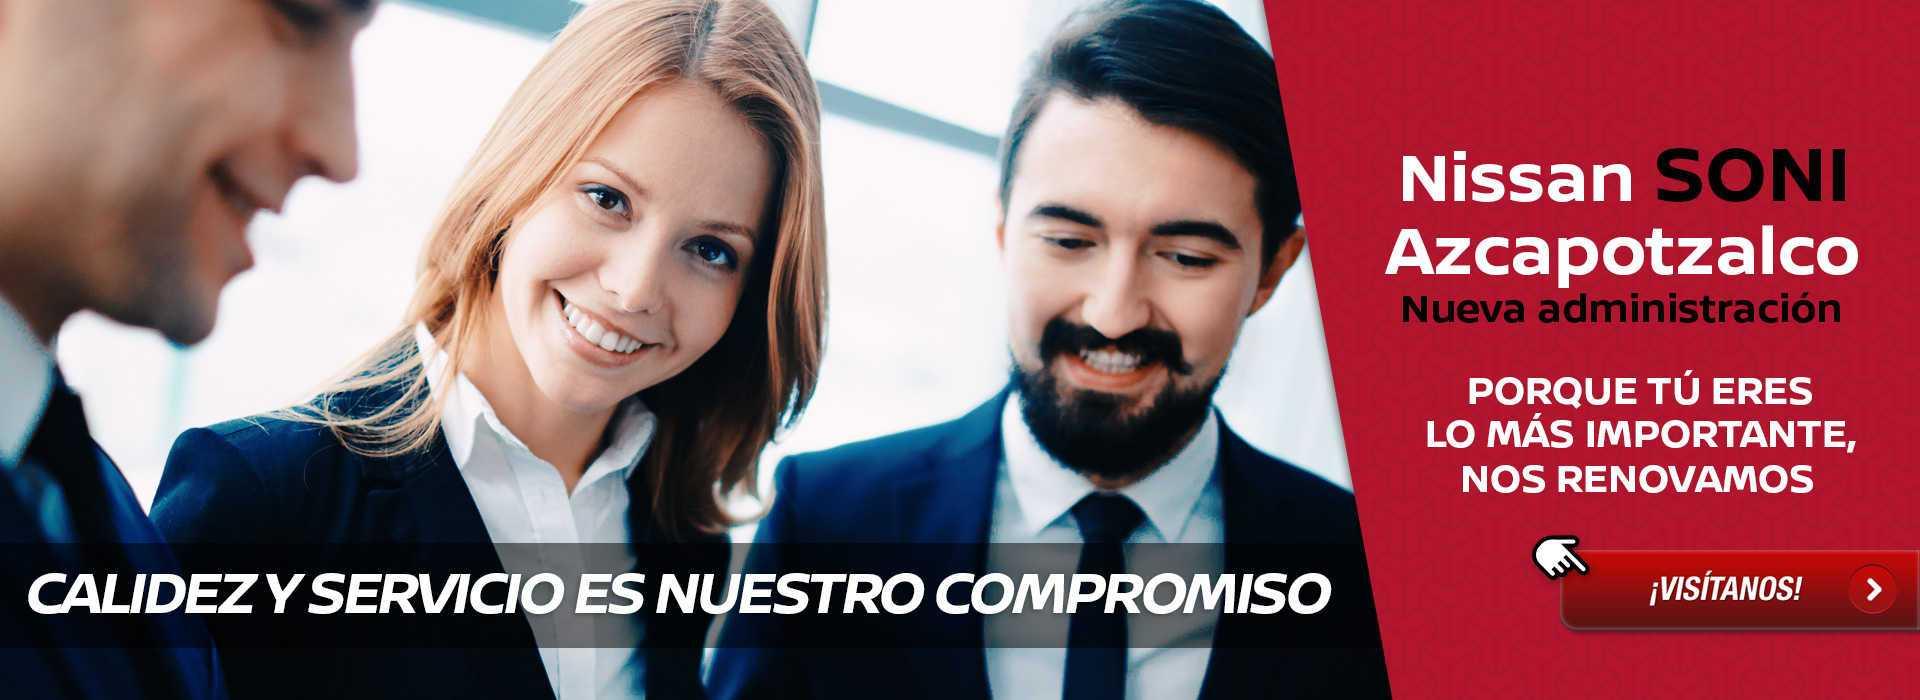 Nissan SONI Azcapotzalco - Nueva administración